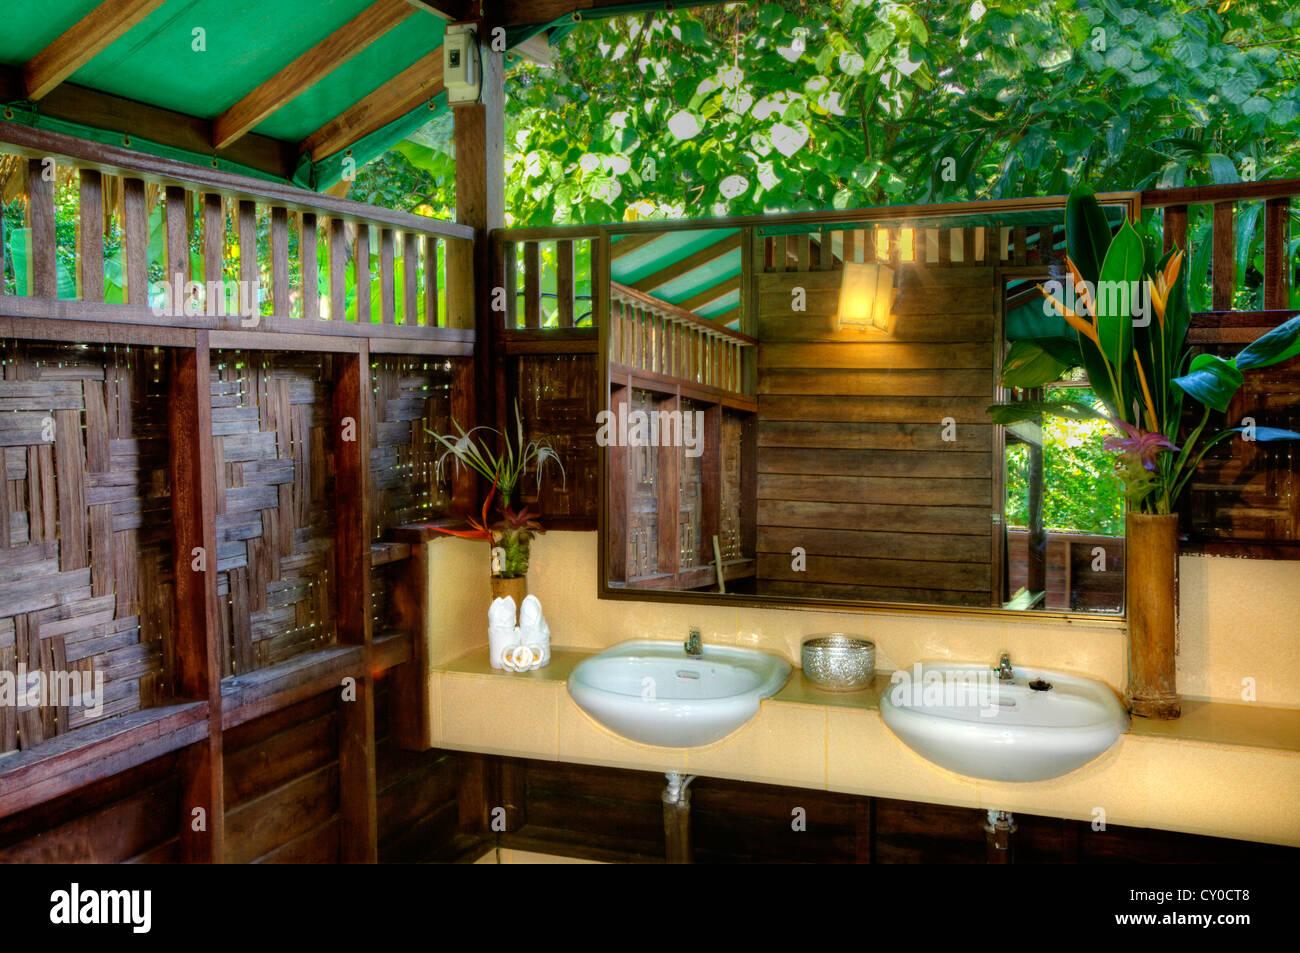 Baumhaus Badezimmer Im Our Jungle House Eine Lodge Im Regenwald In